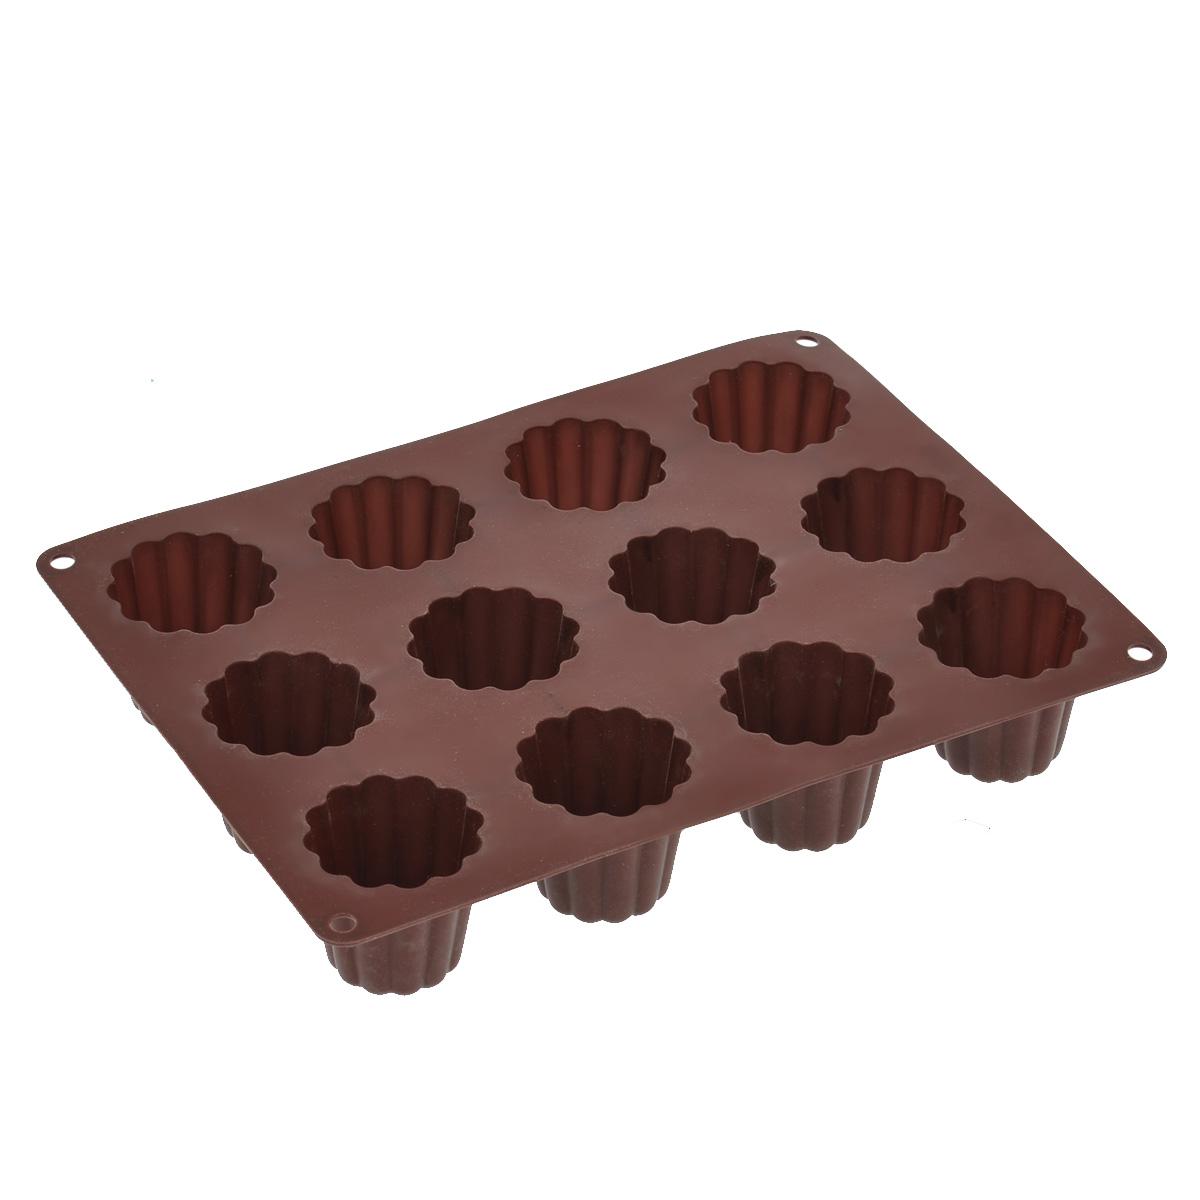 Форма для выпечки Taller Кекс, цвет: коричневый, 12 ячеекTR-6211Форма для выпечки Taller Кекс изготовлена извысококачественного силикона. Изделия из силиконавыдерживают температуру от -20°С до +220°С, оченьудобны в использовании: пища в них не пригорает и неприлипает к стенкам, форма легко моется. Формаобладает эластичными свойствами: складывается безизломов, восстанавливает свою первоначальную форму. Форма содержит 12 одинаковых ячеек. Порадуйте своихродных и близких любимой выпечкой в необычномисполнении.Подходит для приготовления в микроволновой печи идуховом шкафу при нагревании до +220°С; длязамораживания до -20°С и чистки в посудомоечноймашине.Размер формы: 29 х 22 см. Размер ячейки: 5,2 х 5,2 см. Высота стенок: 5 см. Количество ячеек: 12 шт.